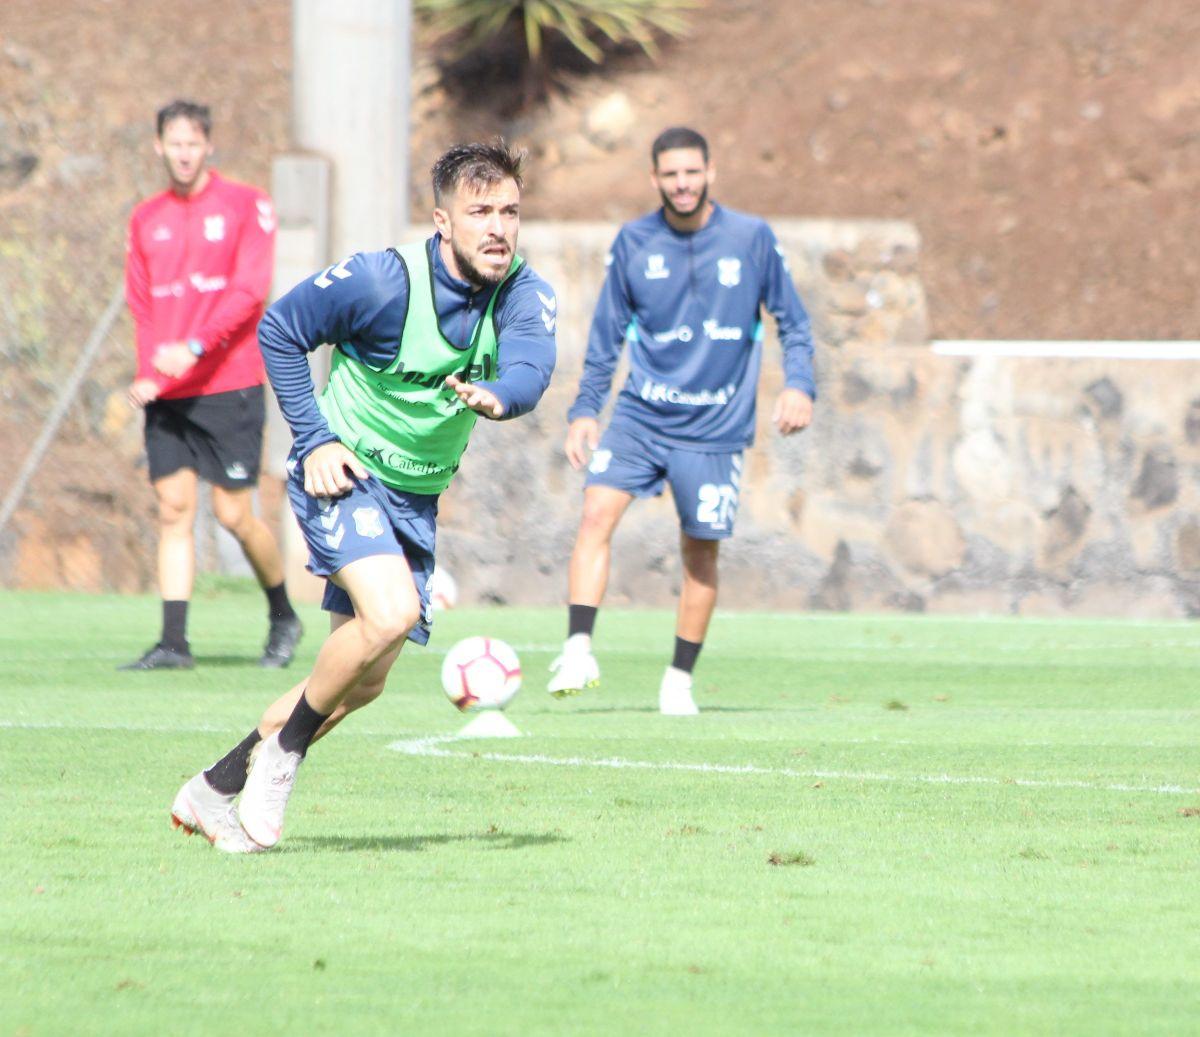 Hector Hernandez en una sesión de entrenamiento en la Ciudad Deportiva Javier Pérez. Jole Comunicaciones